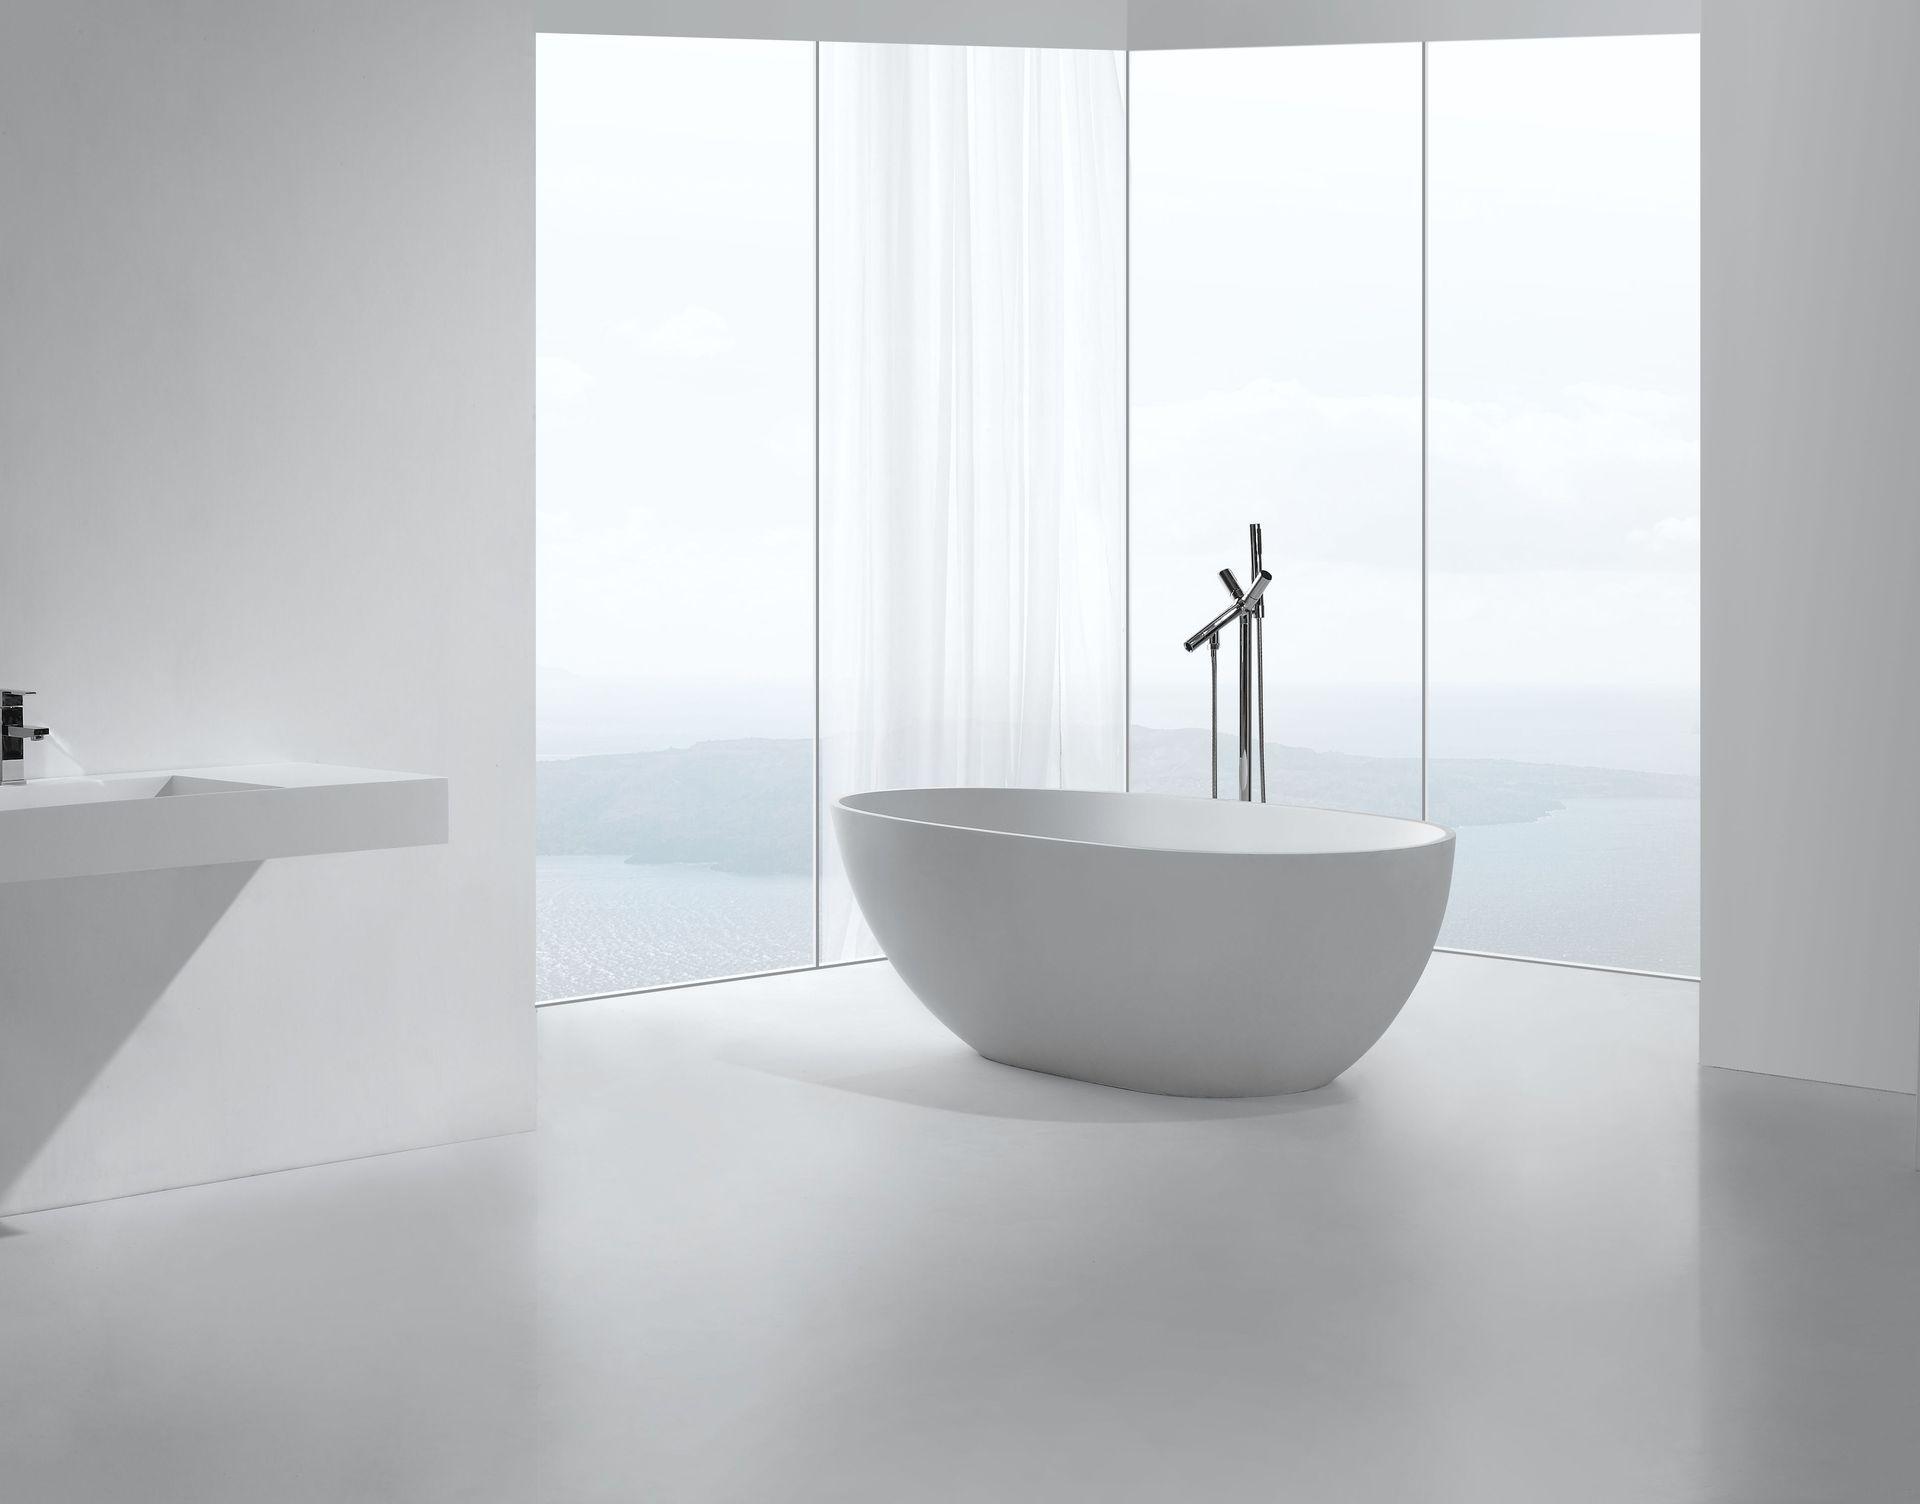 Naturliche Materialien Bringen Komfort Und Warme In Jedes Zuhause Glasdeals Mineralguss Badewanne Ladilo Freistehend Badewanne Wanne Kunststein